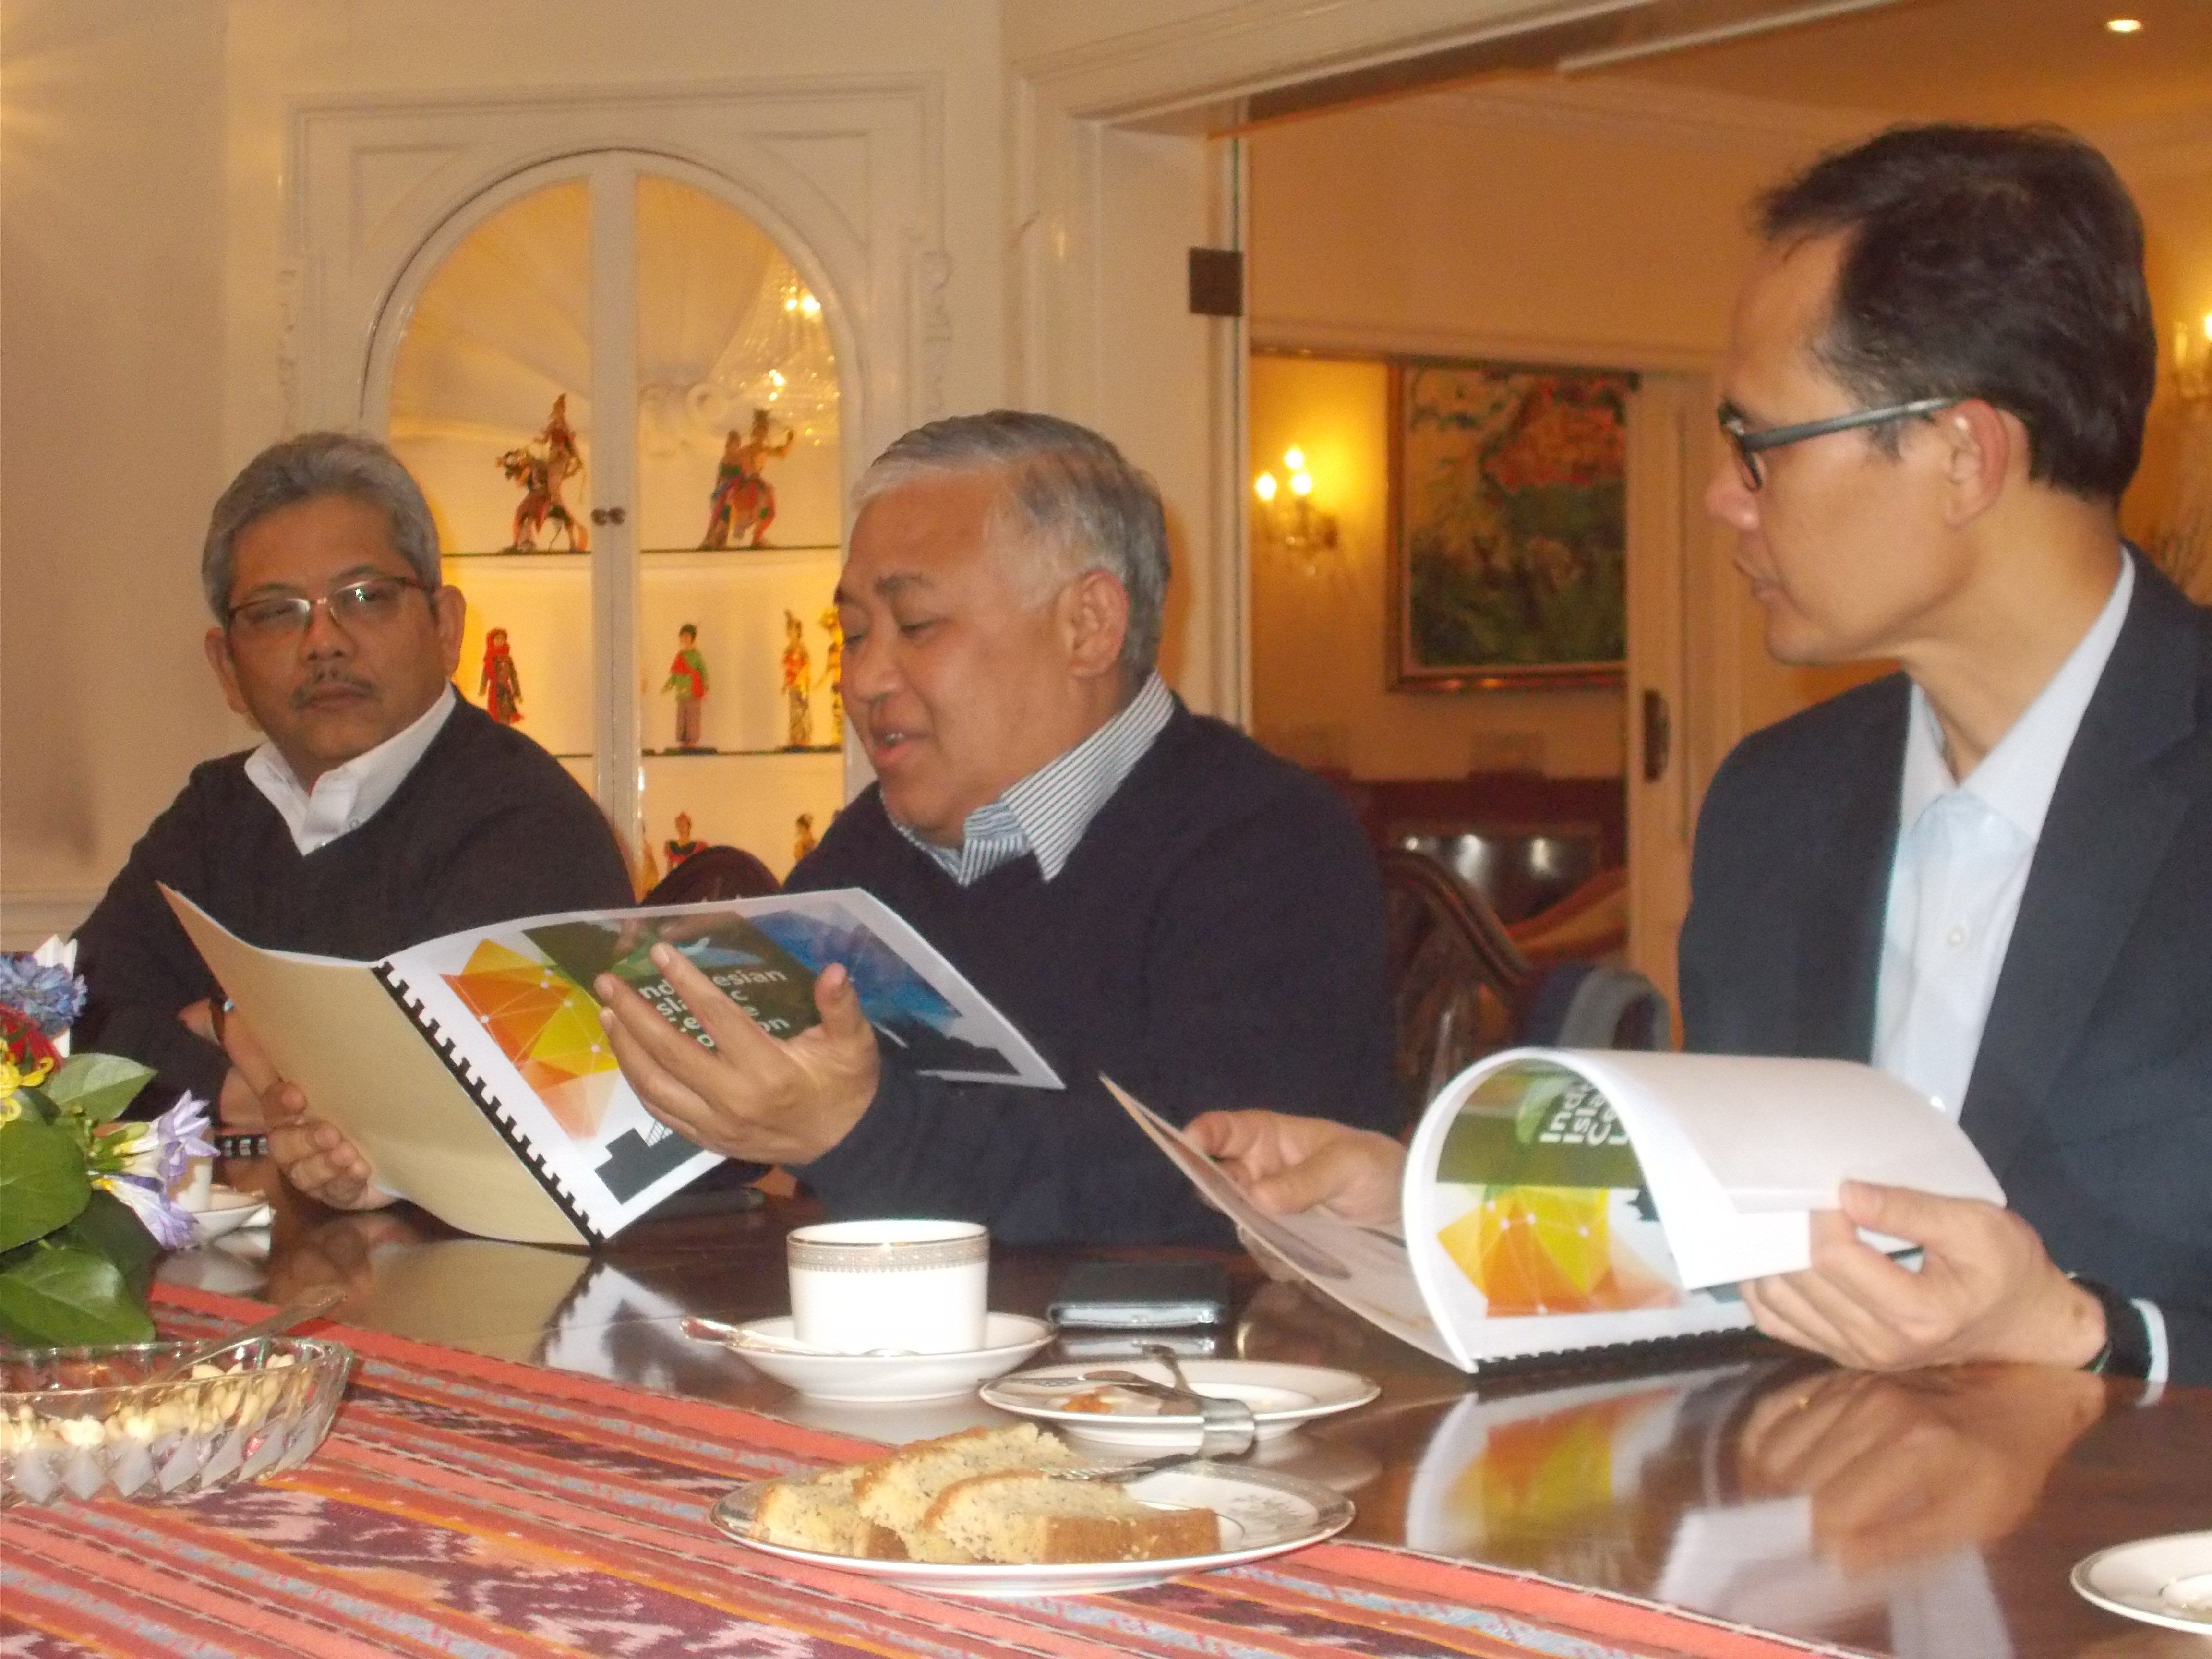 Temu muka dengan Prof. Dr. Din Syamsuddin dan Duta Besar RI di London Dr. Rizal Sukma